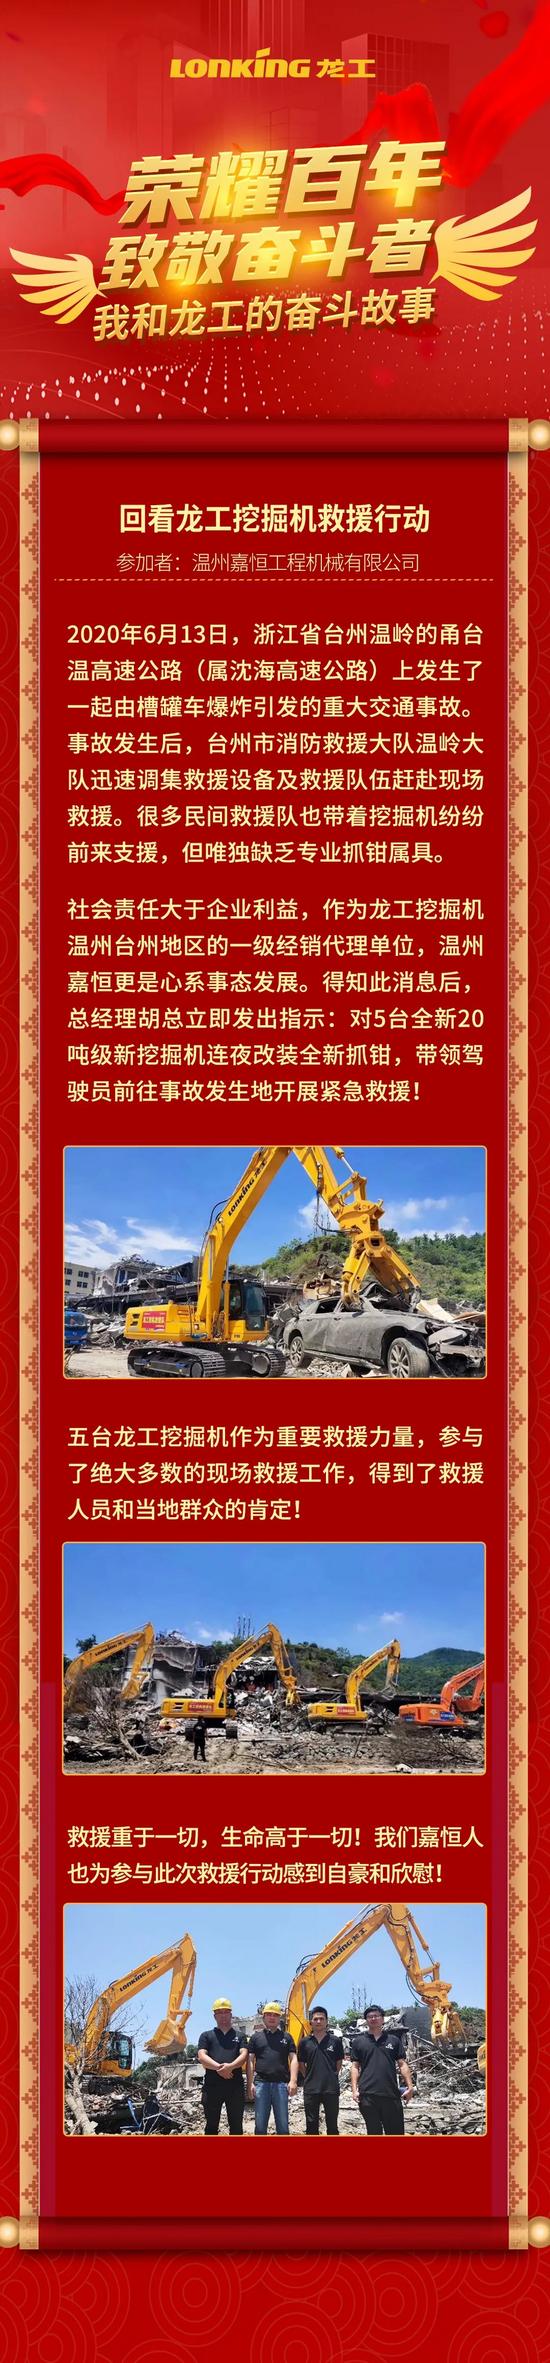 我和龍工的奮斗故事(六):回看龍工挖掘機救援行動